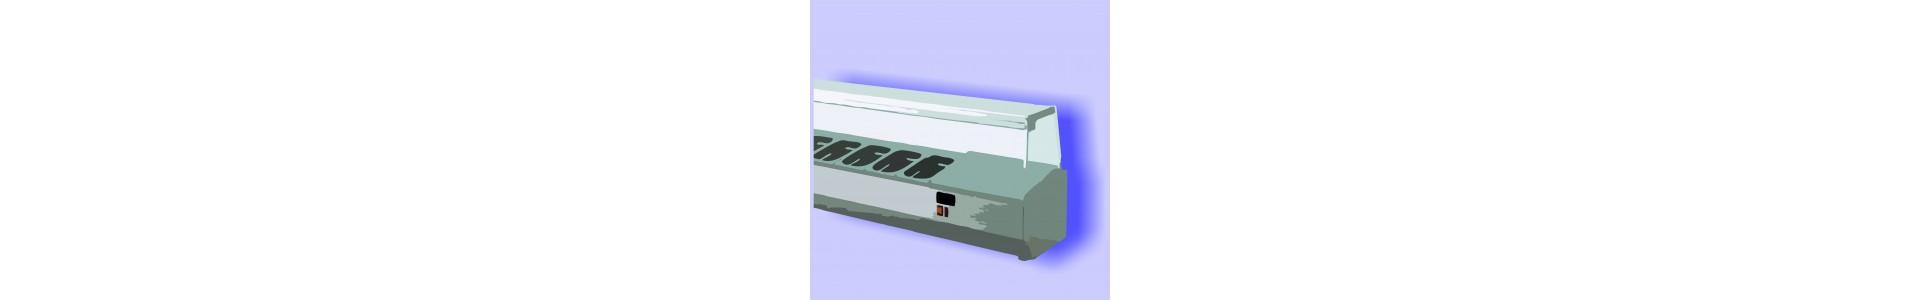 Expositor Refrigerado Sobremostrador